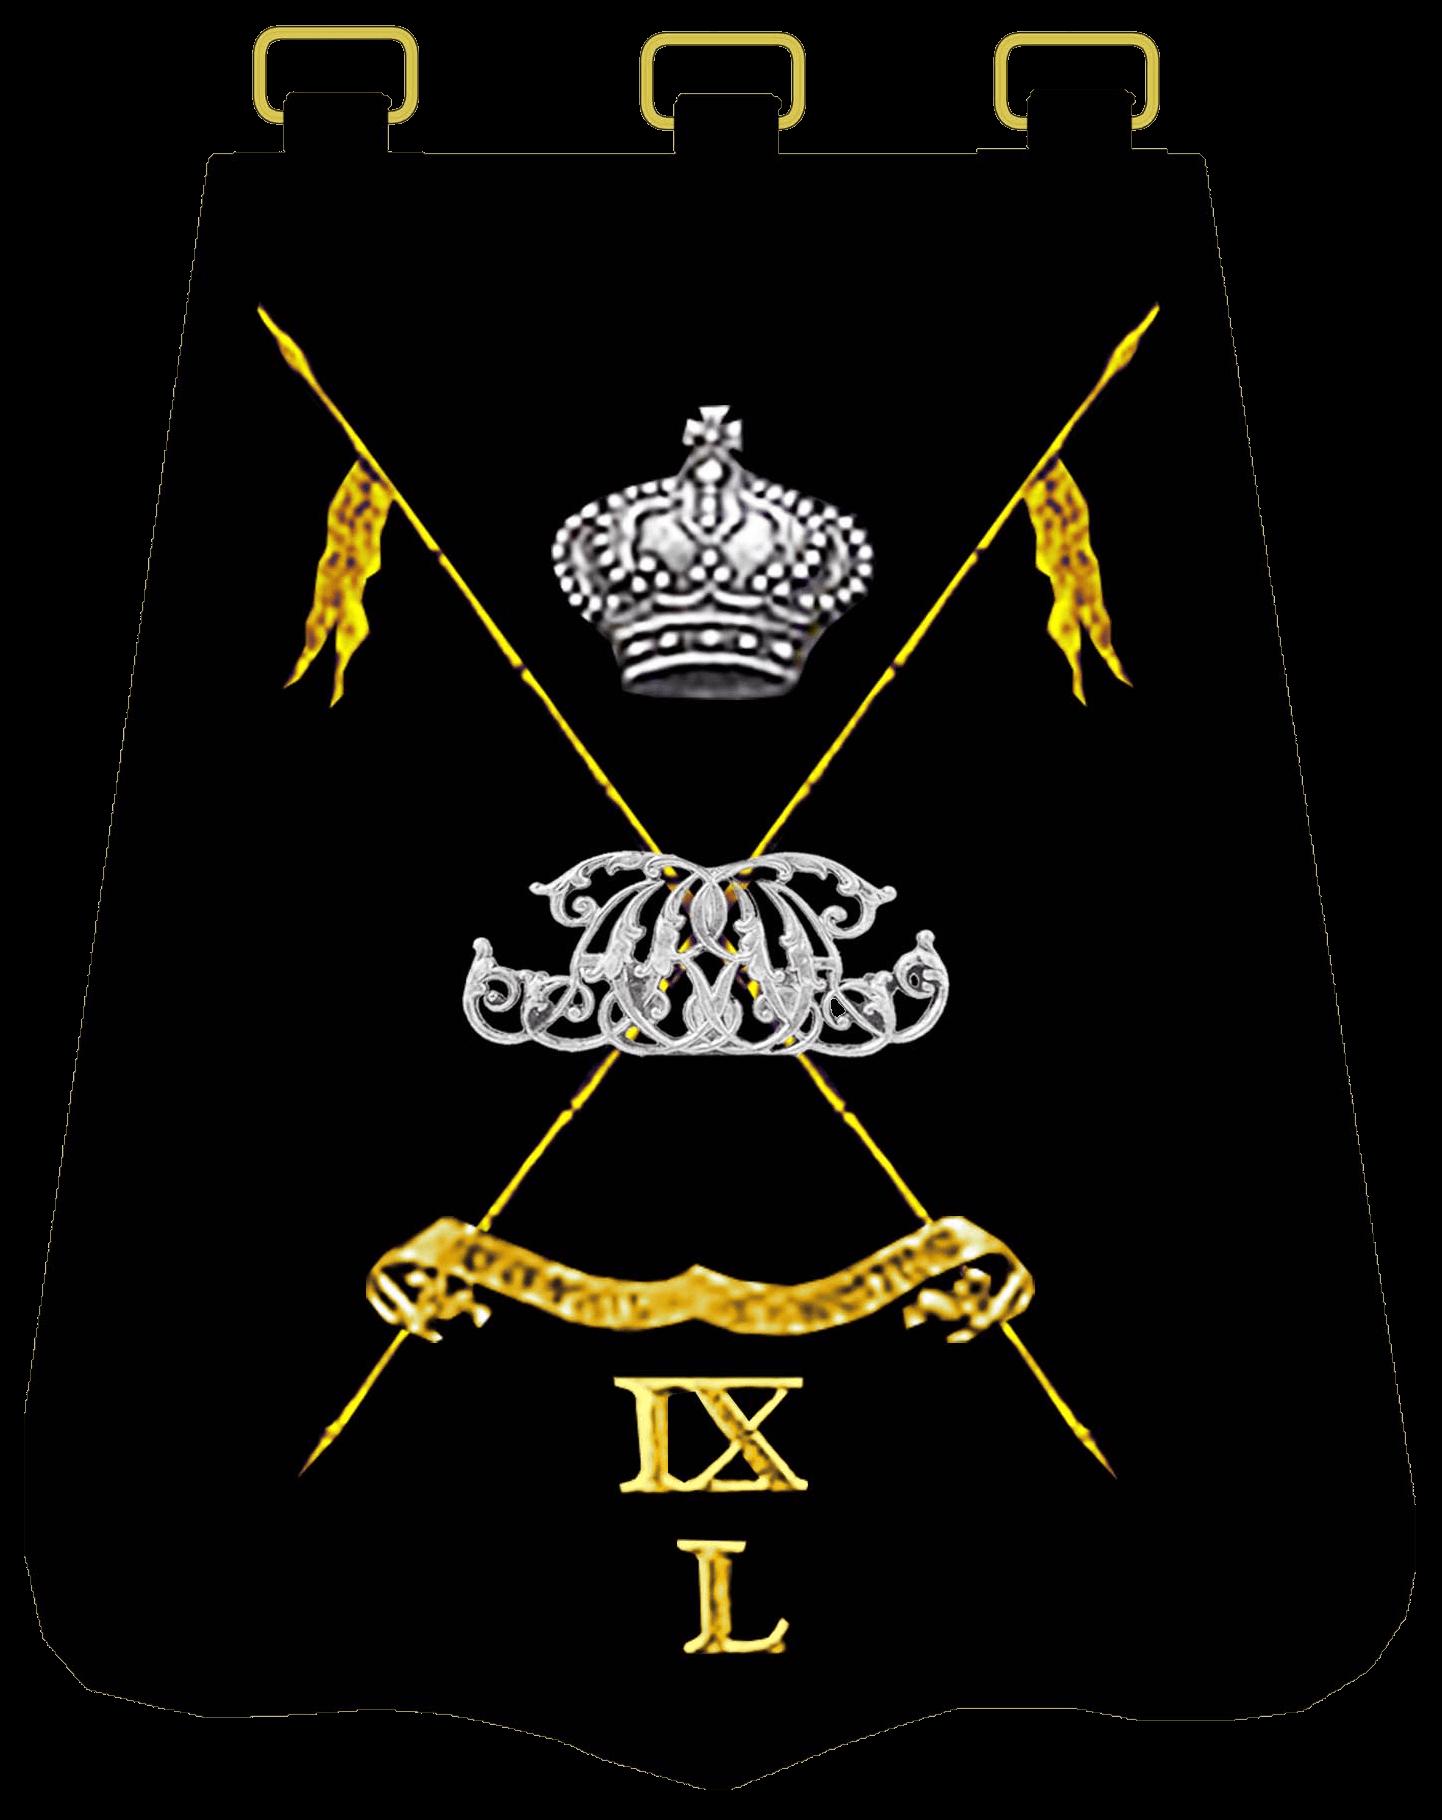 Ташка офицера 9 уланского полка.